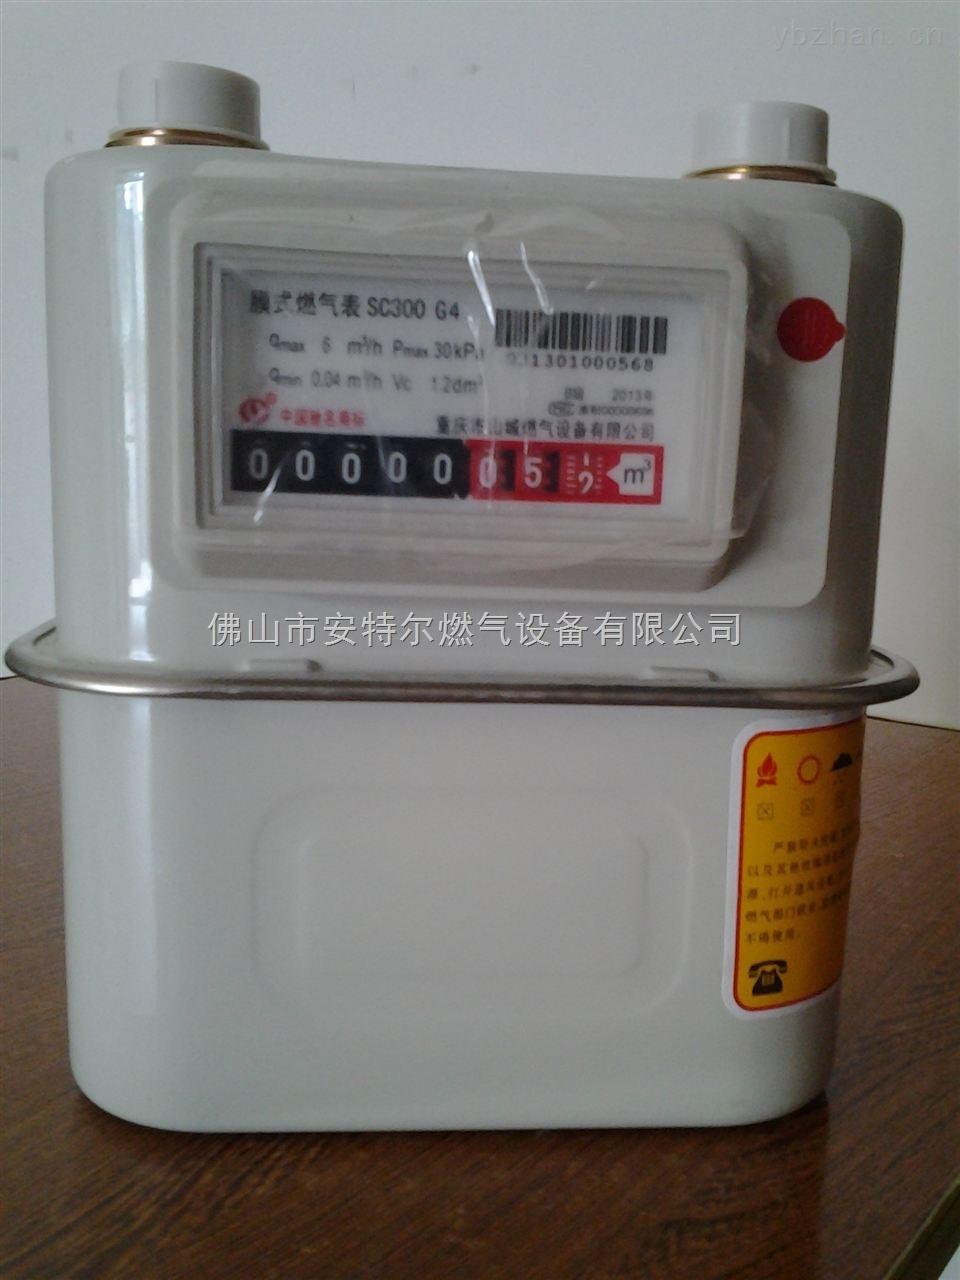 山城膜式燃氣表SC300 G4膜式燃氣表